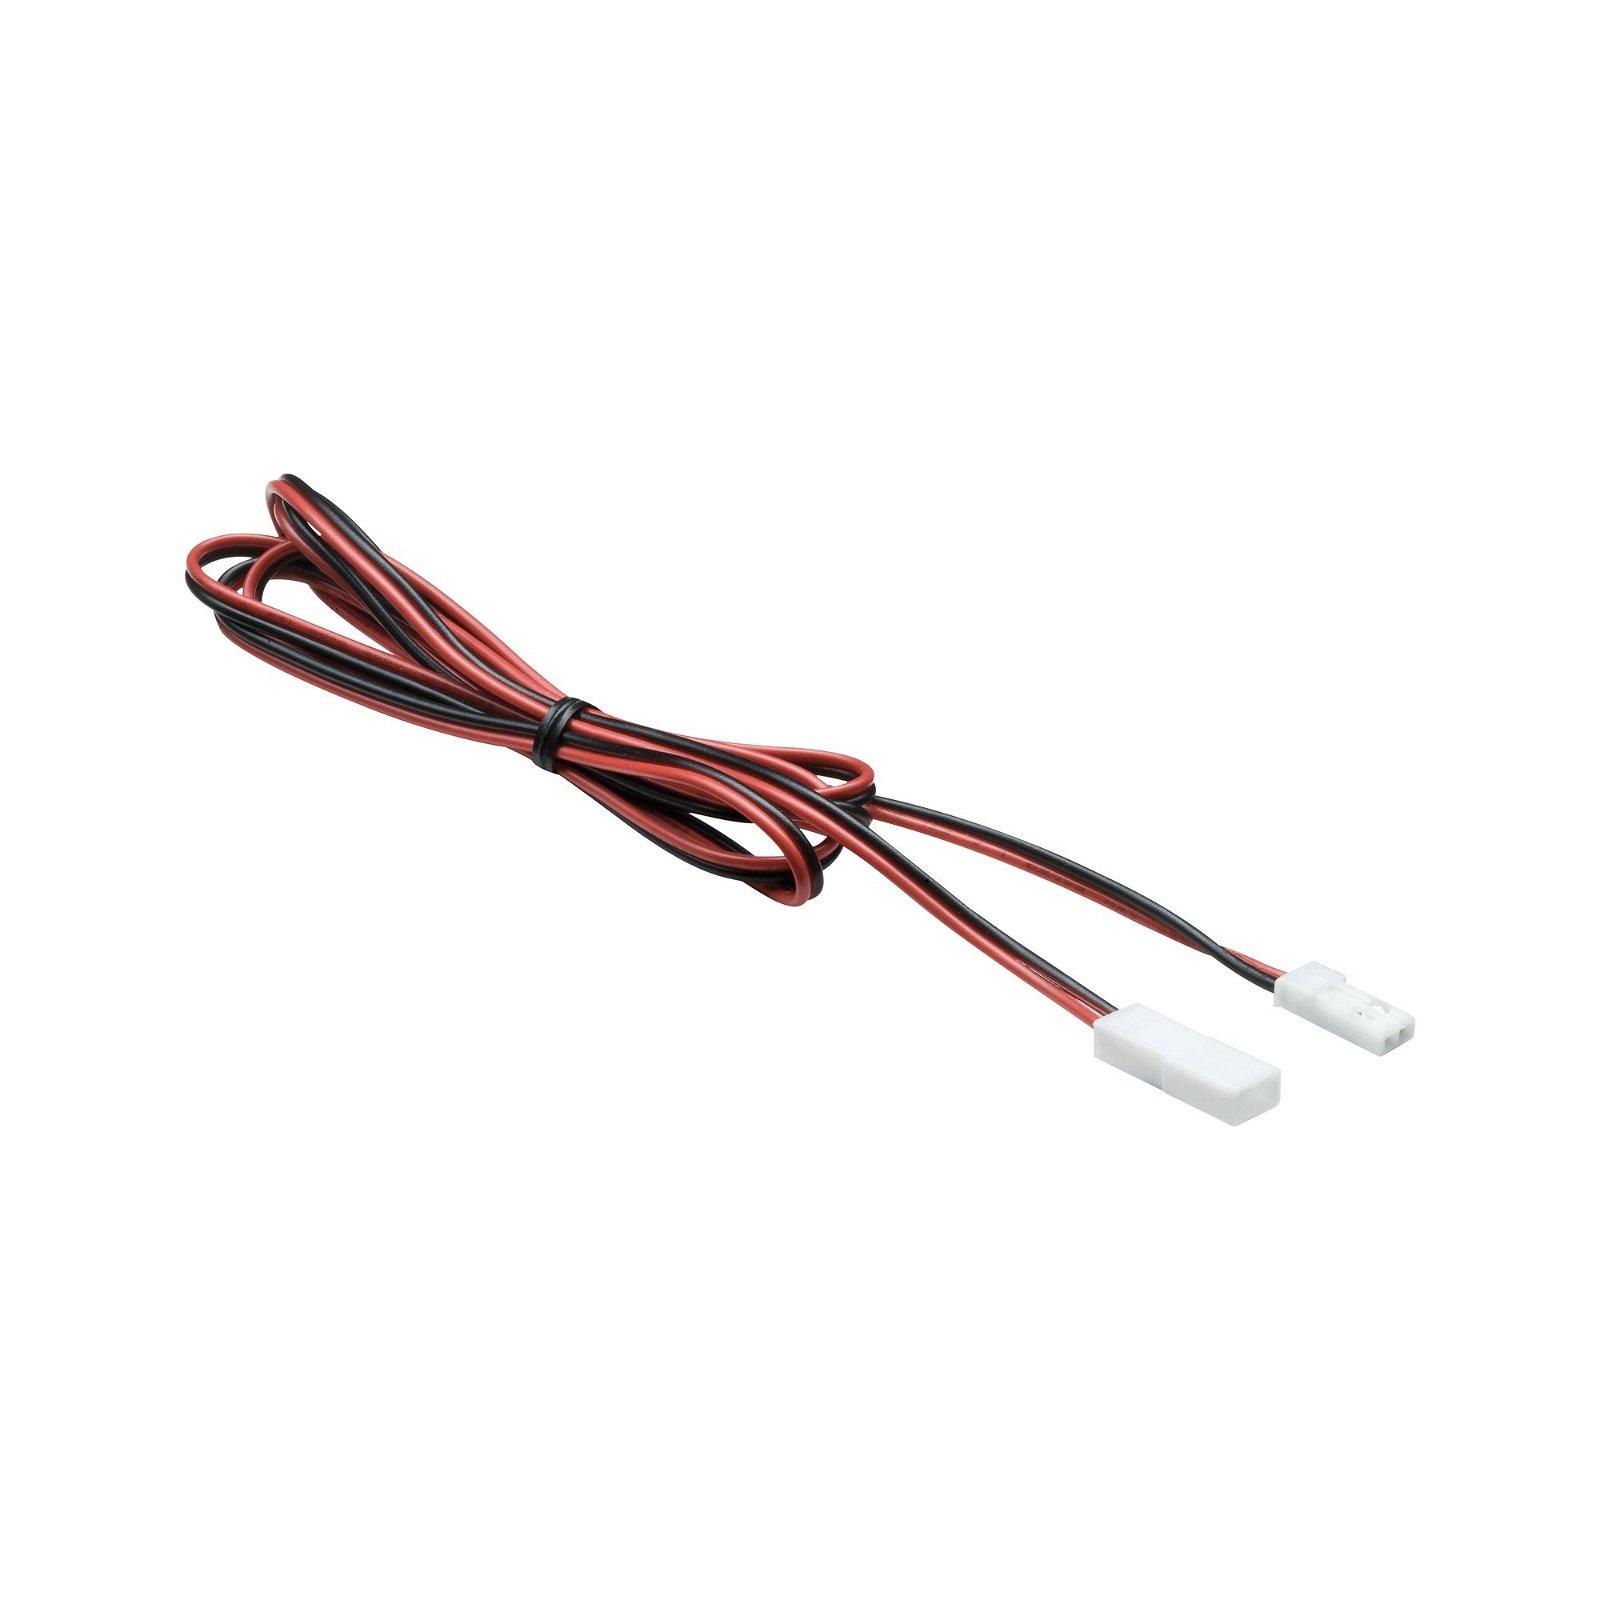 Einbauleuchten Zubehör Kabelverlängerung für Konstantstrom 1m